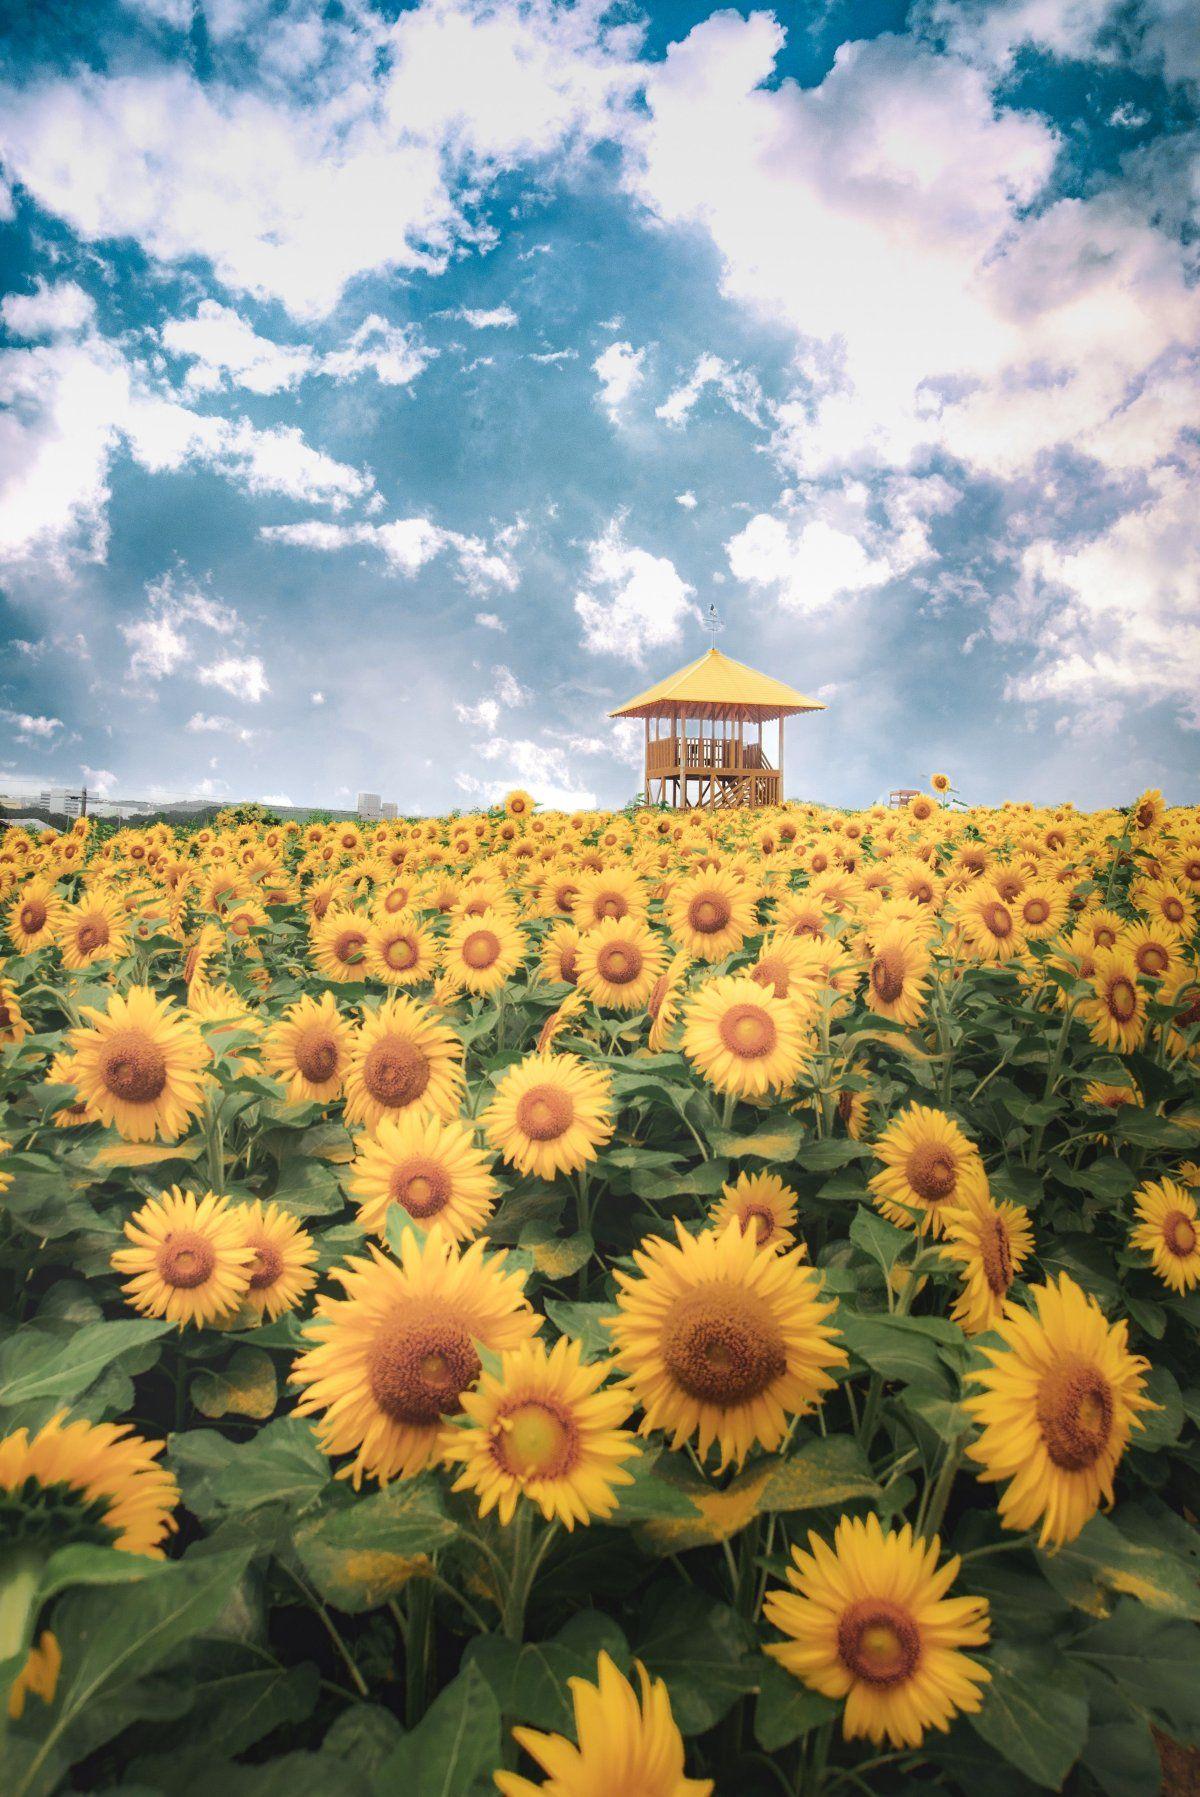 9月下旬まで楽しめる向日葵畑 Triproud ひまわり 壁紙 風景 花 イラスト